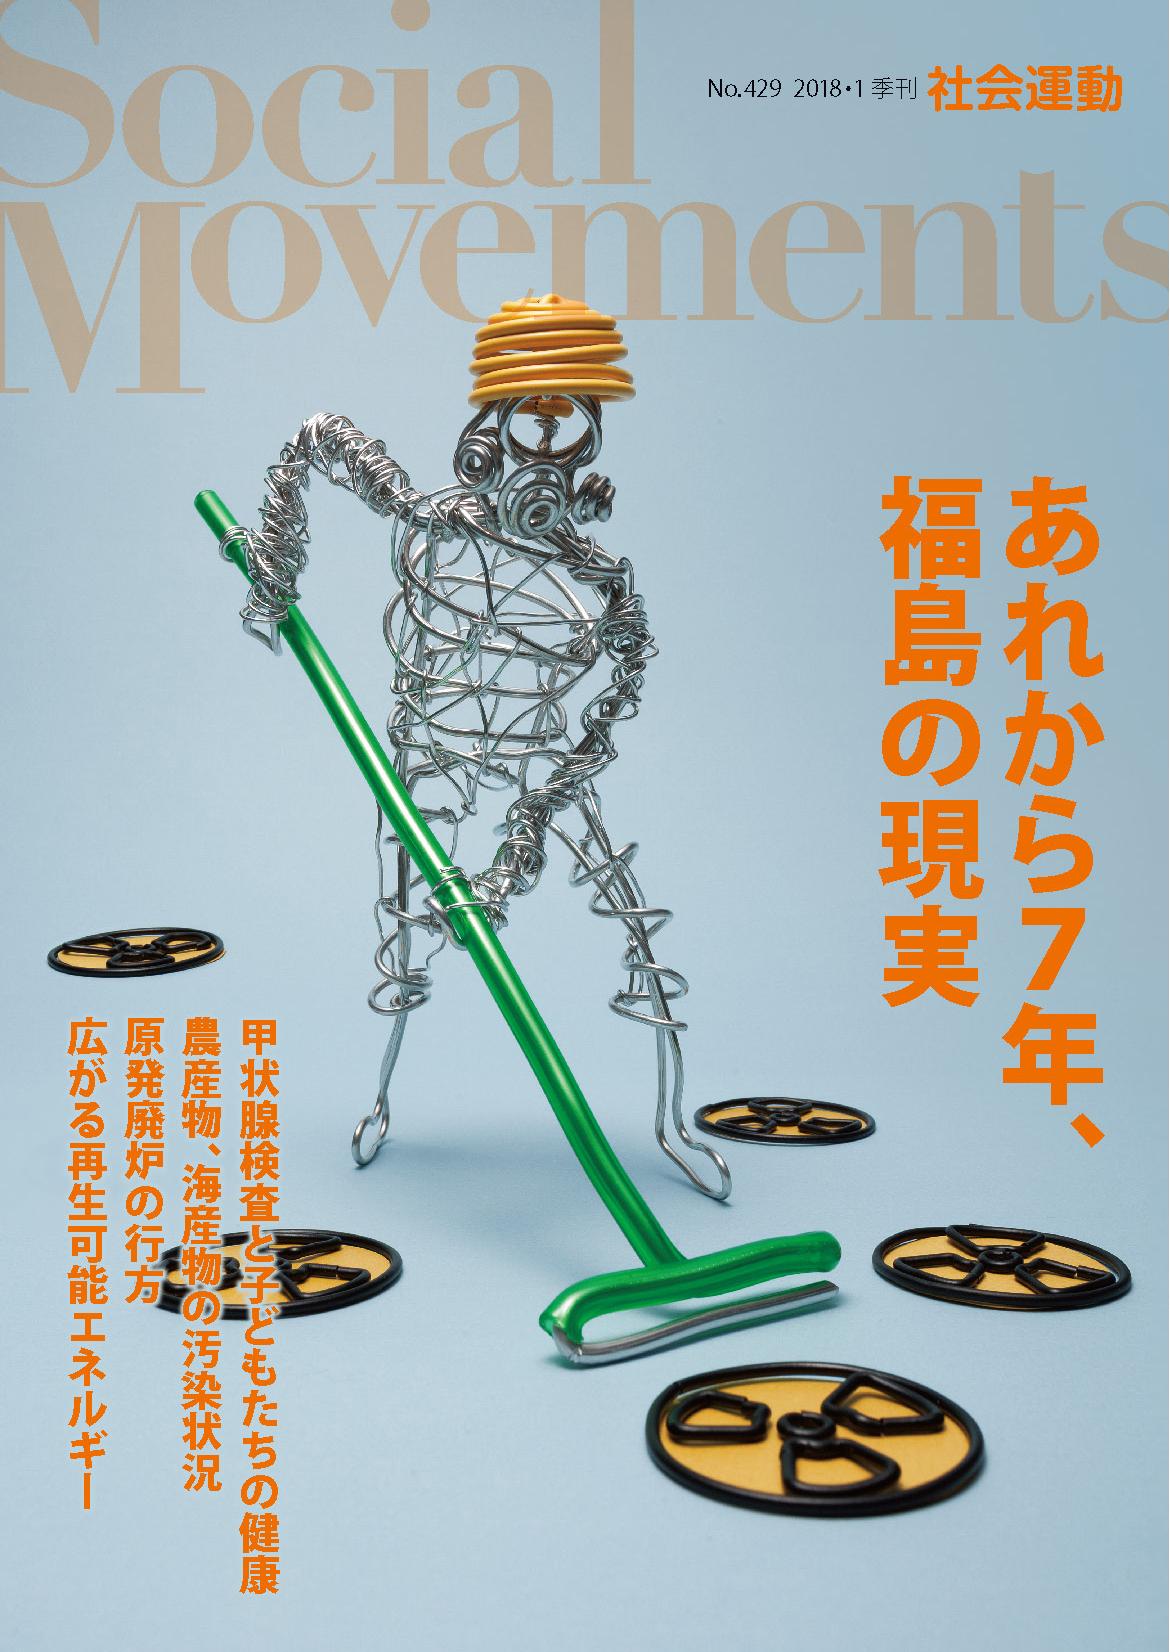 季刊『社会運動』2018年1月【429号】特集:あれから7年、福島の現実